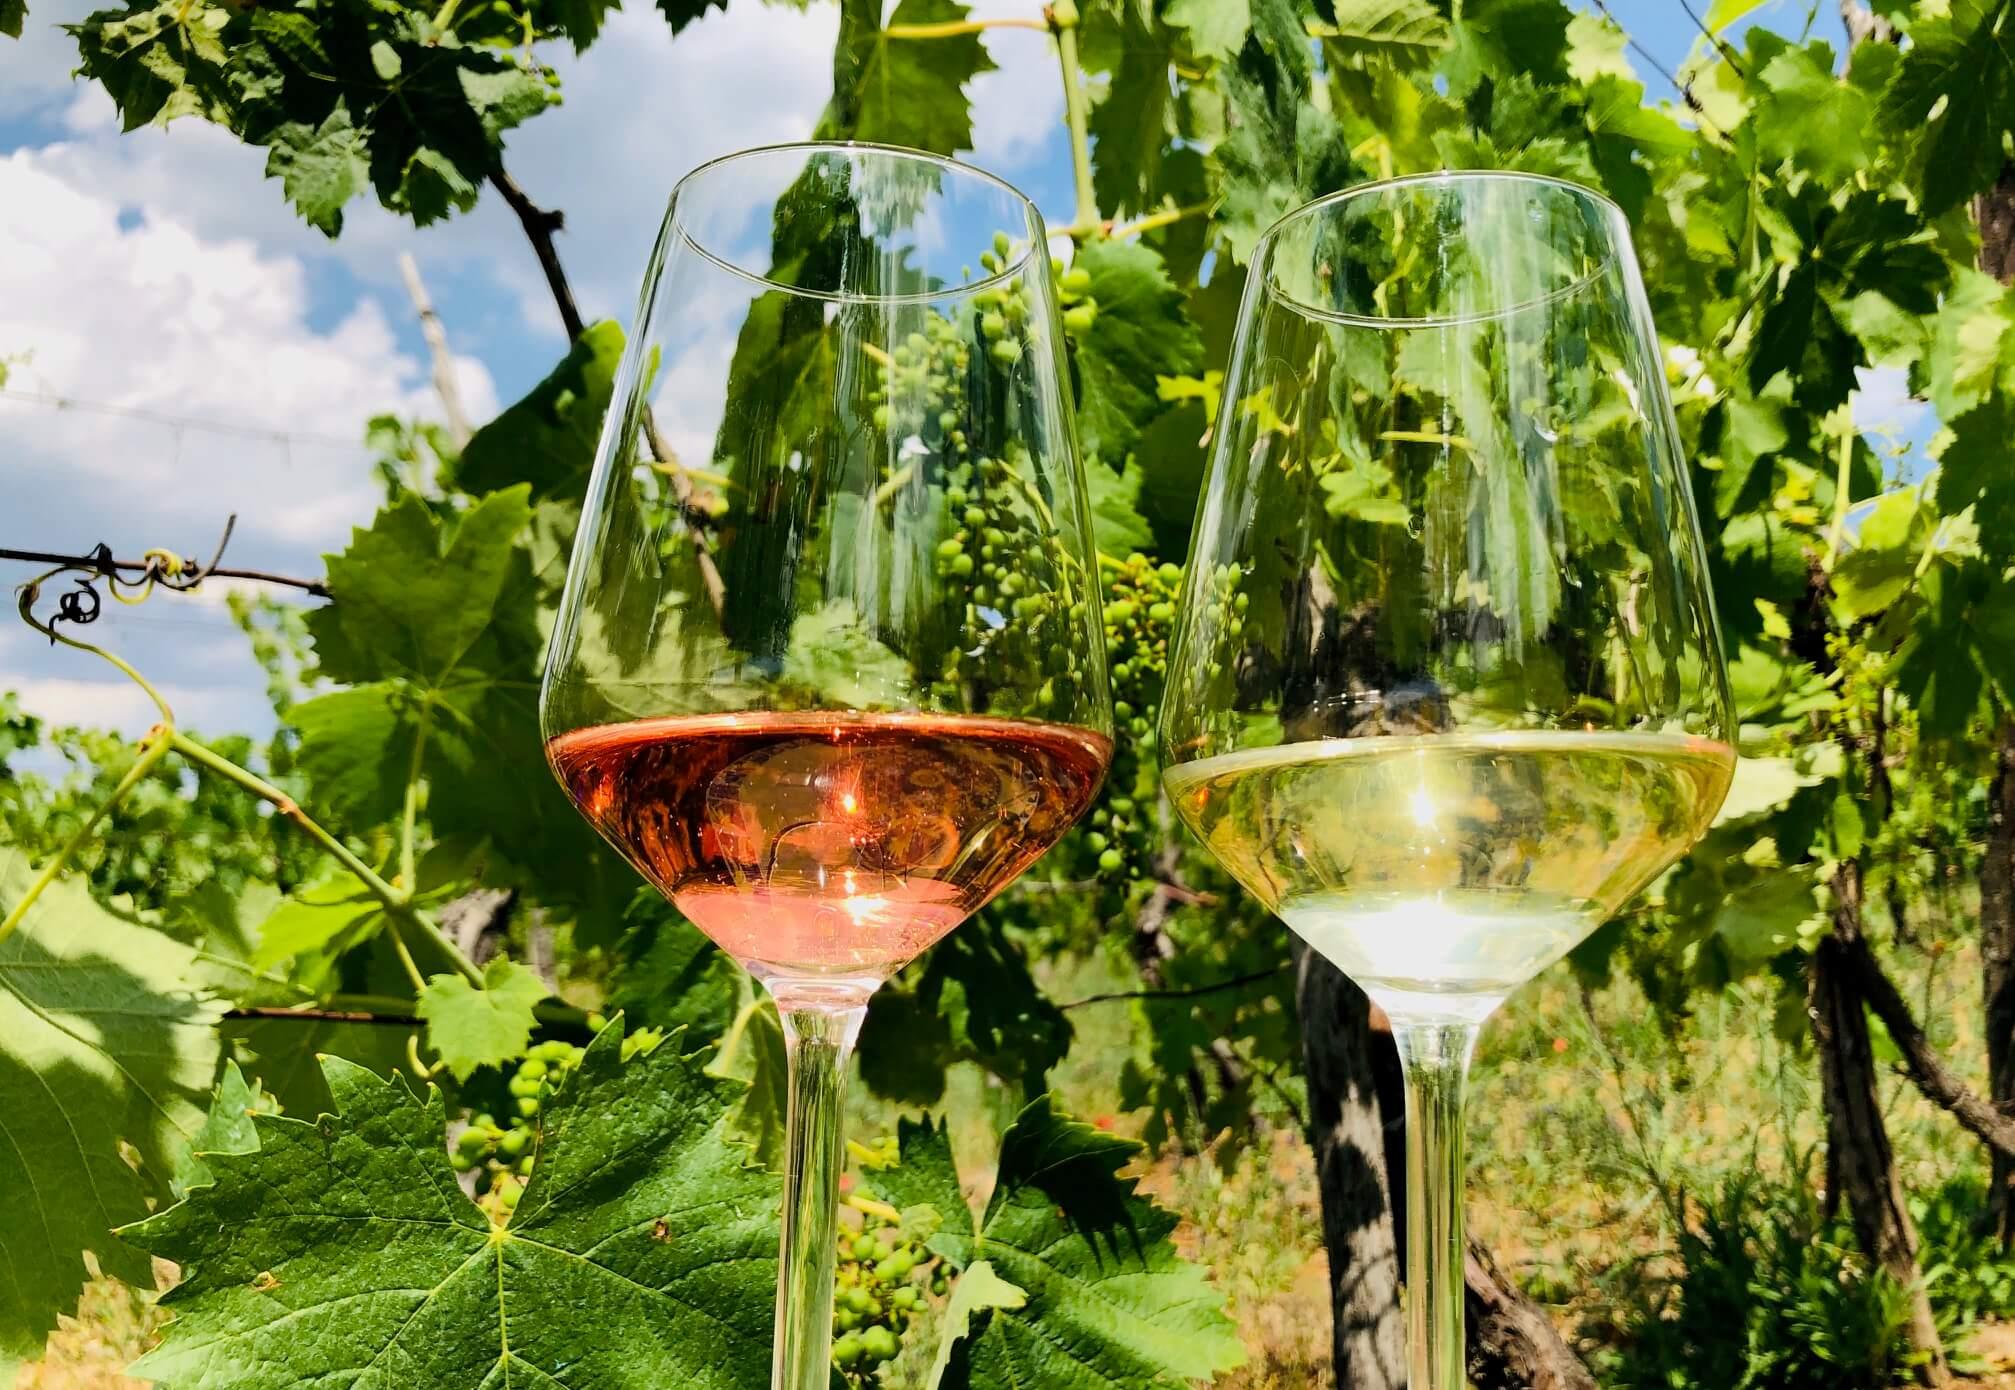 Det er tid for sommerlige viner på julislippet på Vinmonopolet. Her er noen av mine favoritter blant nyhetene som settes ut i hyllene 5. juli. Det er både musserende, hvitvin, rosévin og rødvin. De passer til varme sommerdager eller til grillaften.